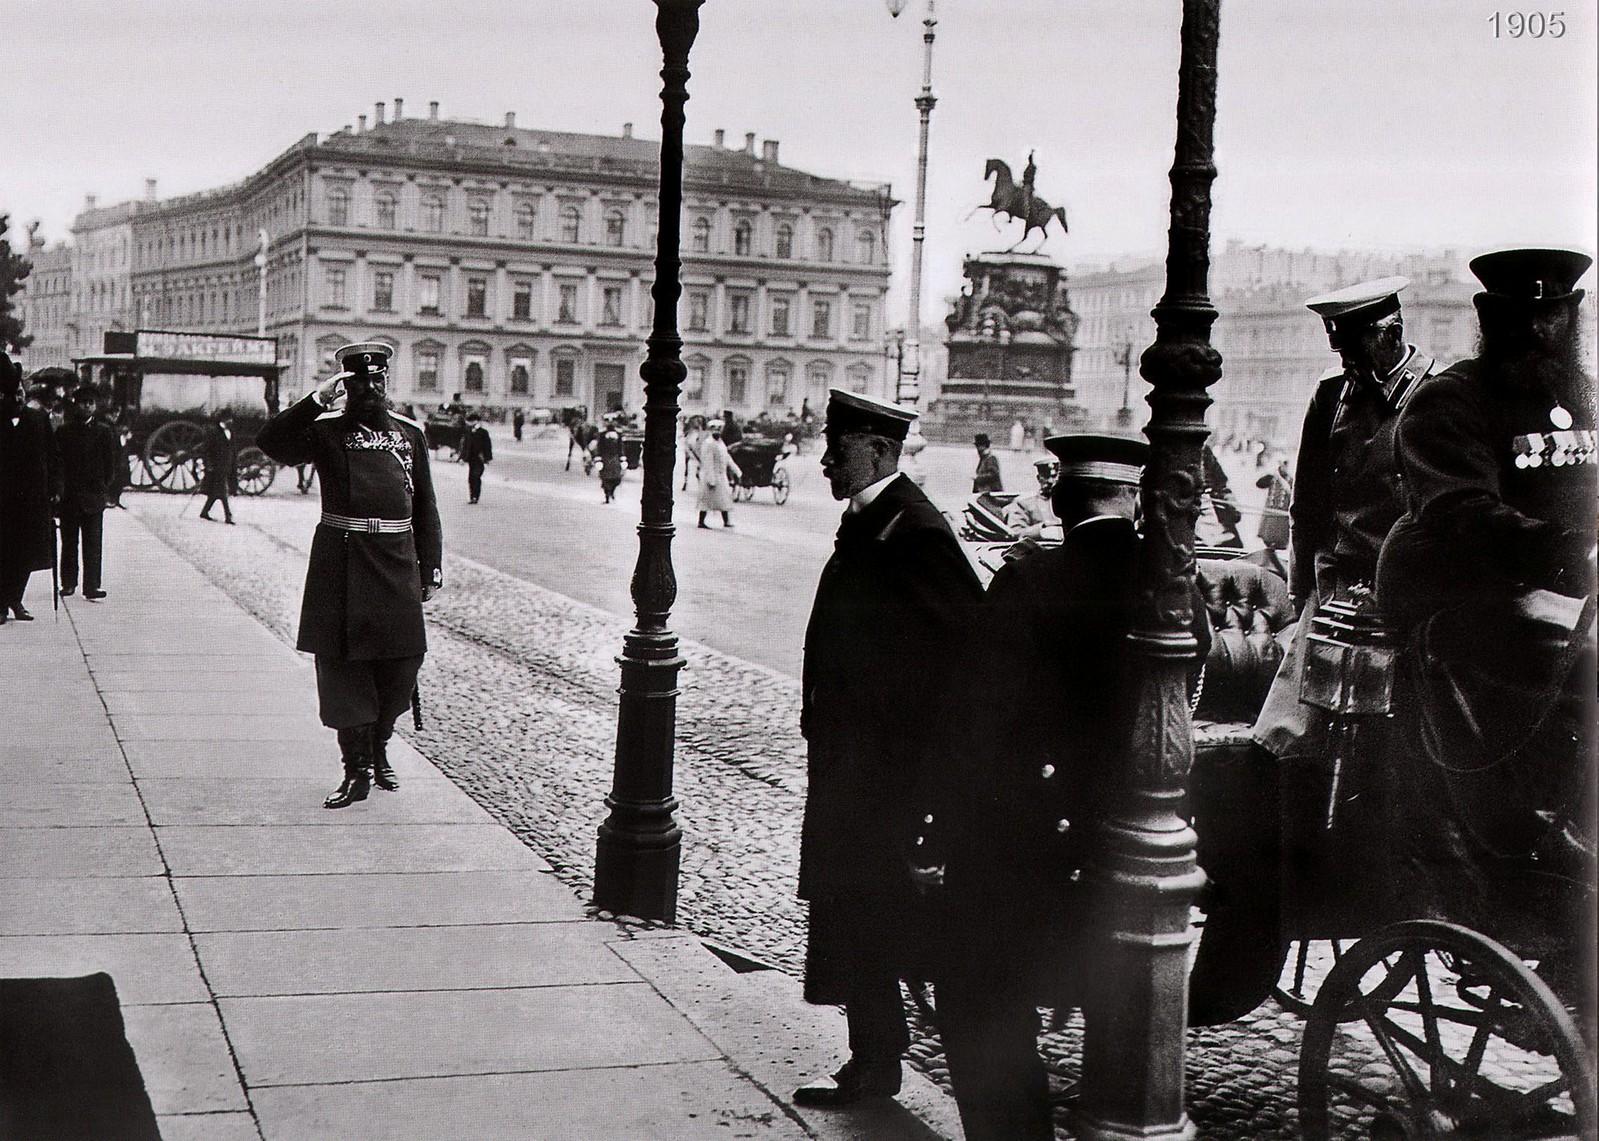 Исаакиевская площадь. Прусский принц перед посольством Германии